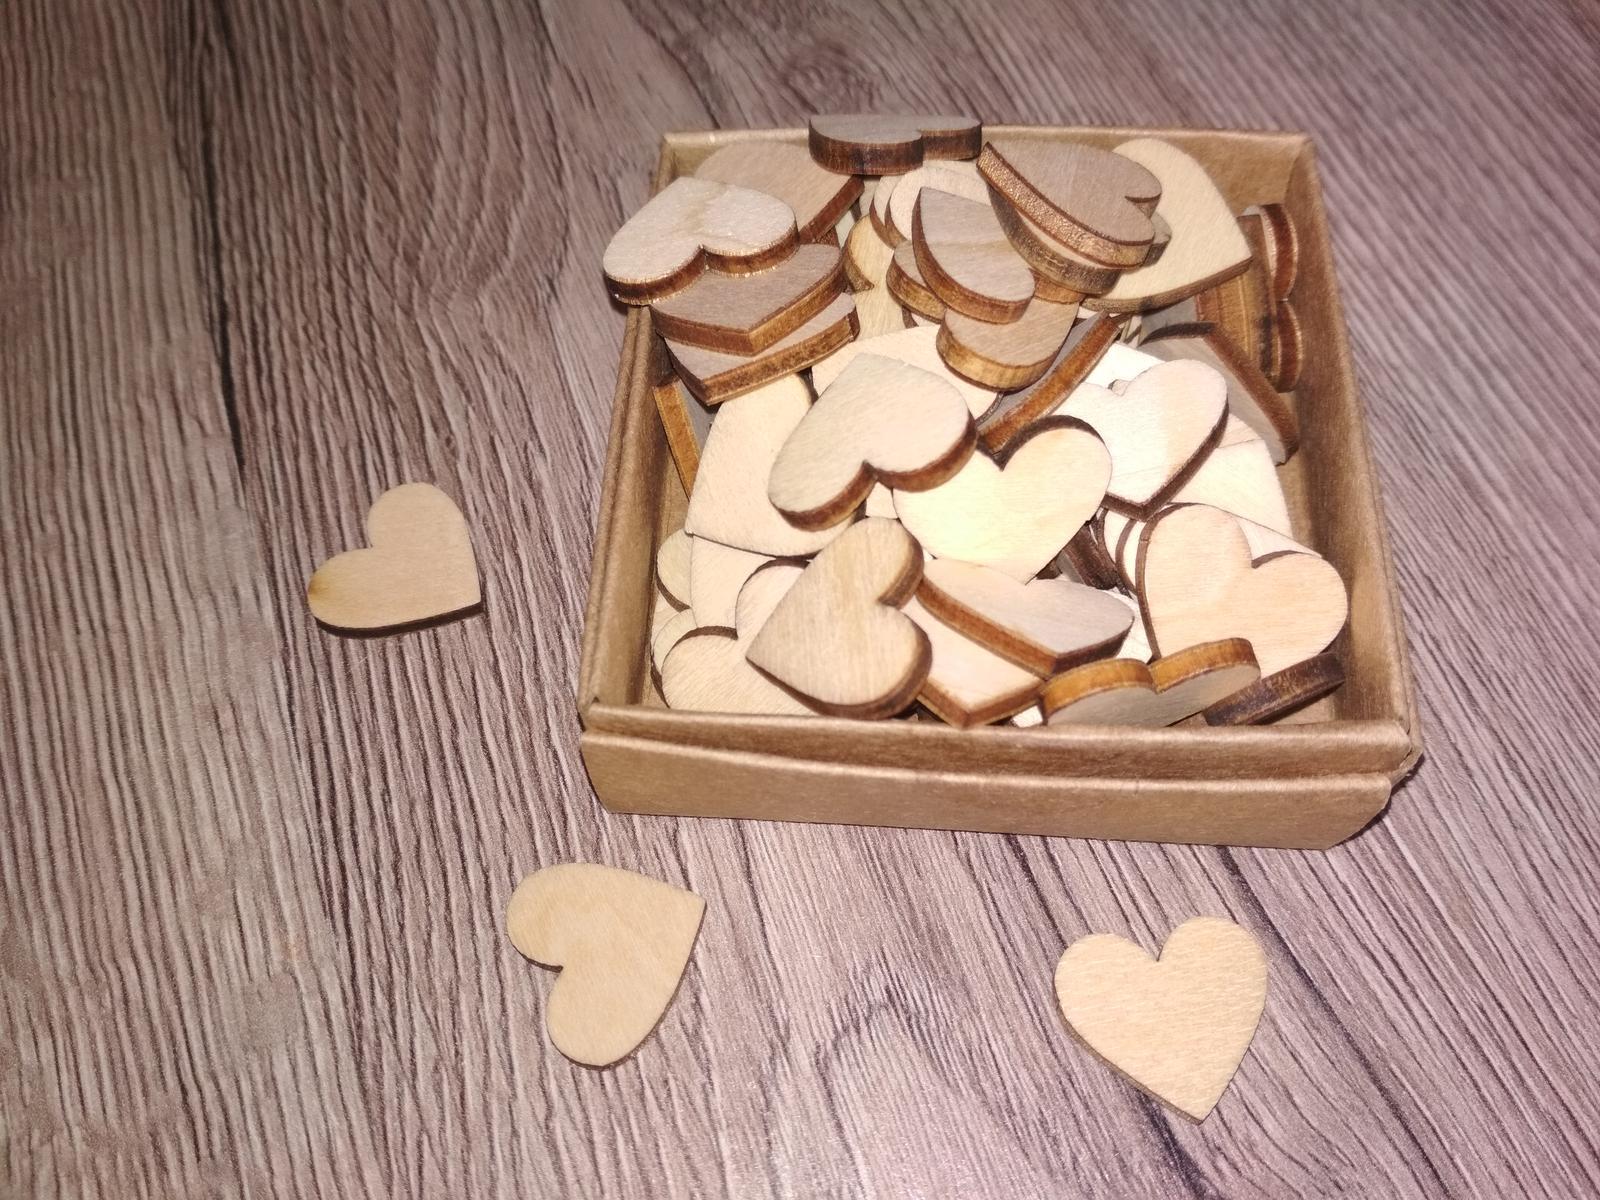 Svatební dekorace - dřevěná srdíčka - Obrázek č. 1